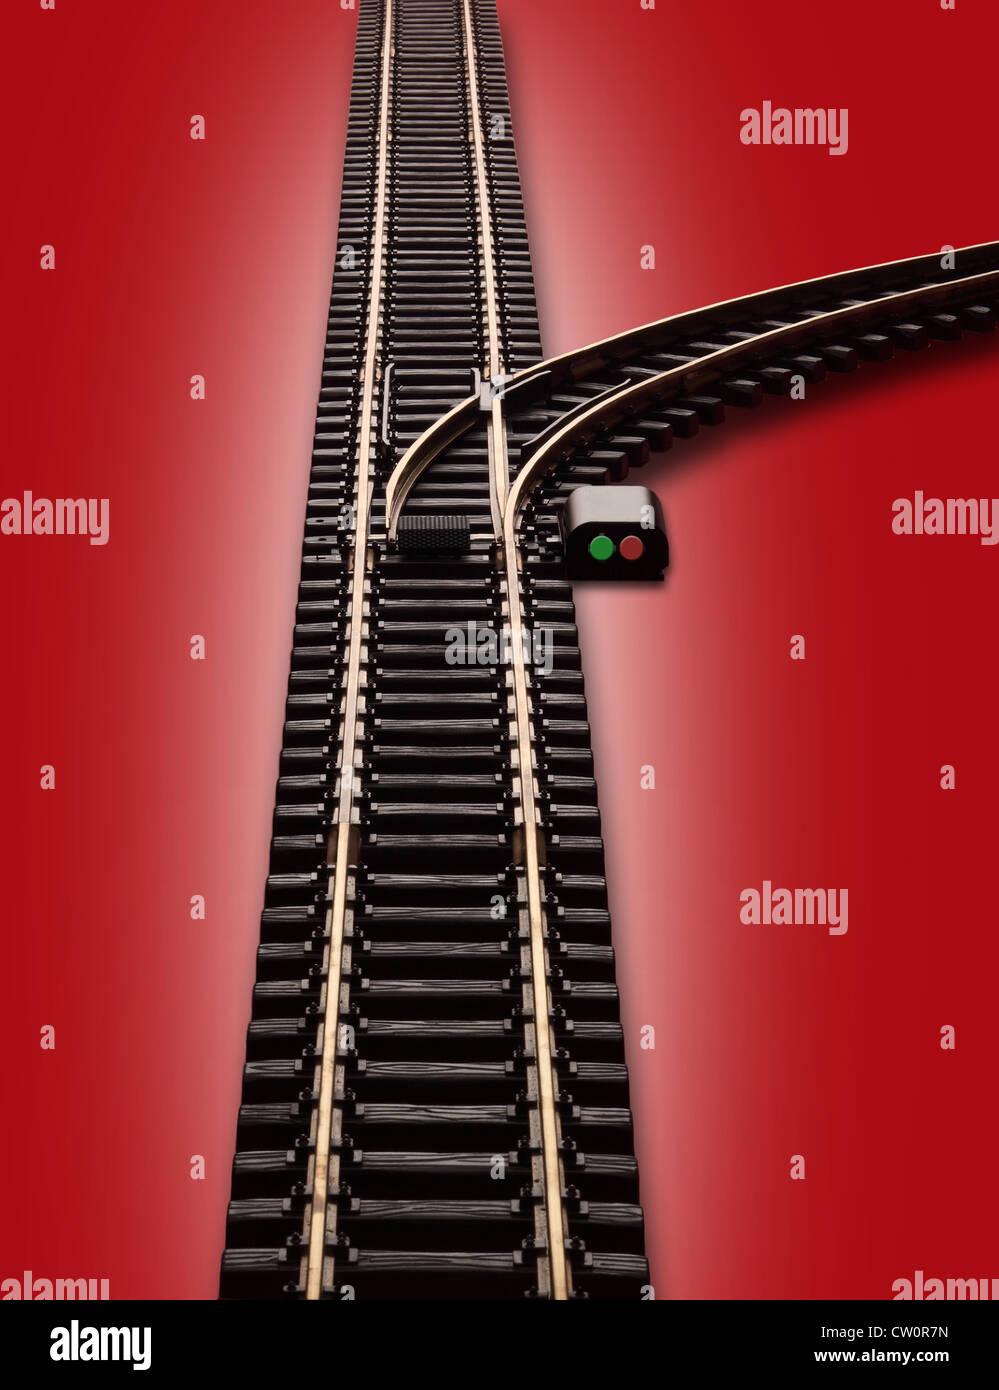 Modell Eisenbahn Bahnstrecke mit Schalter und ein Zweig der Spur nach rechts biegen. Schalter hat rote & grüne Stockbild